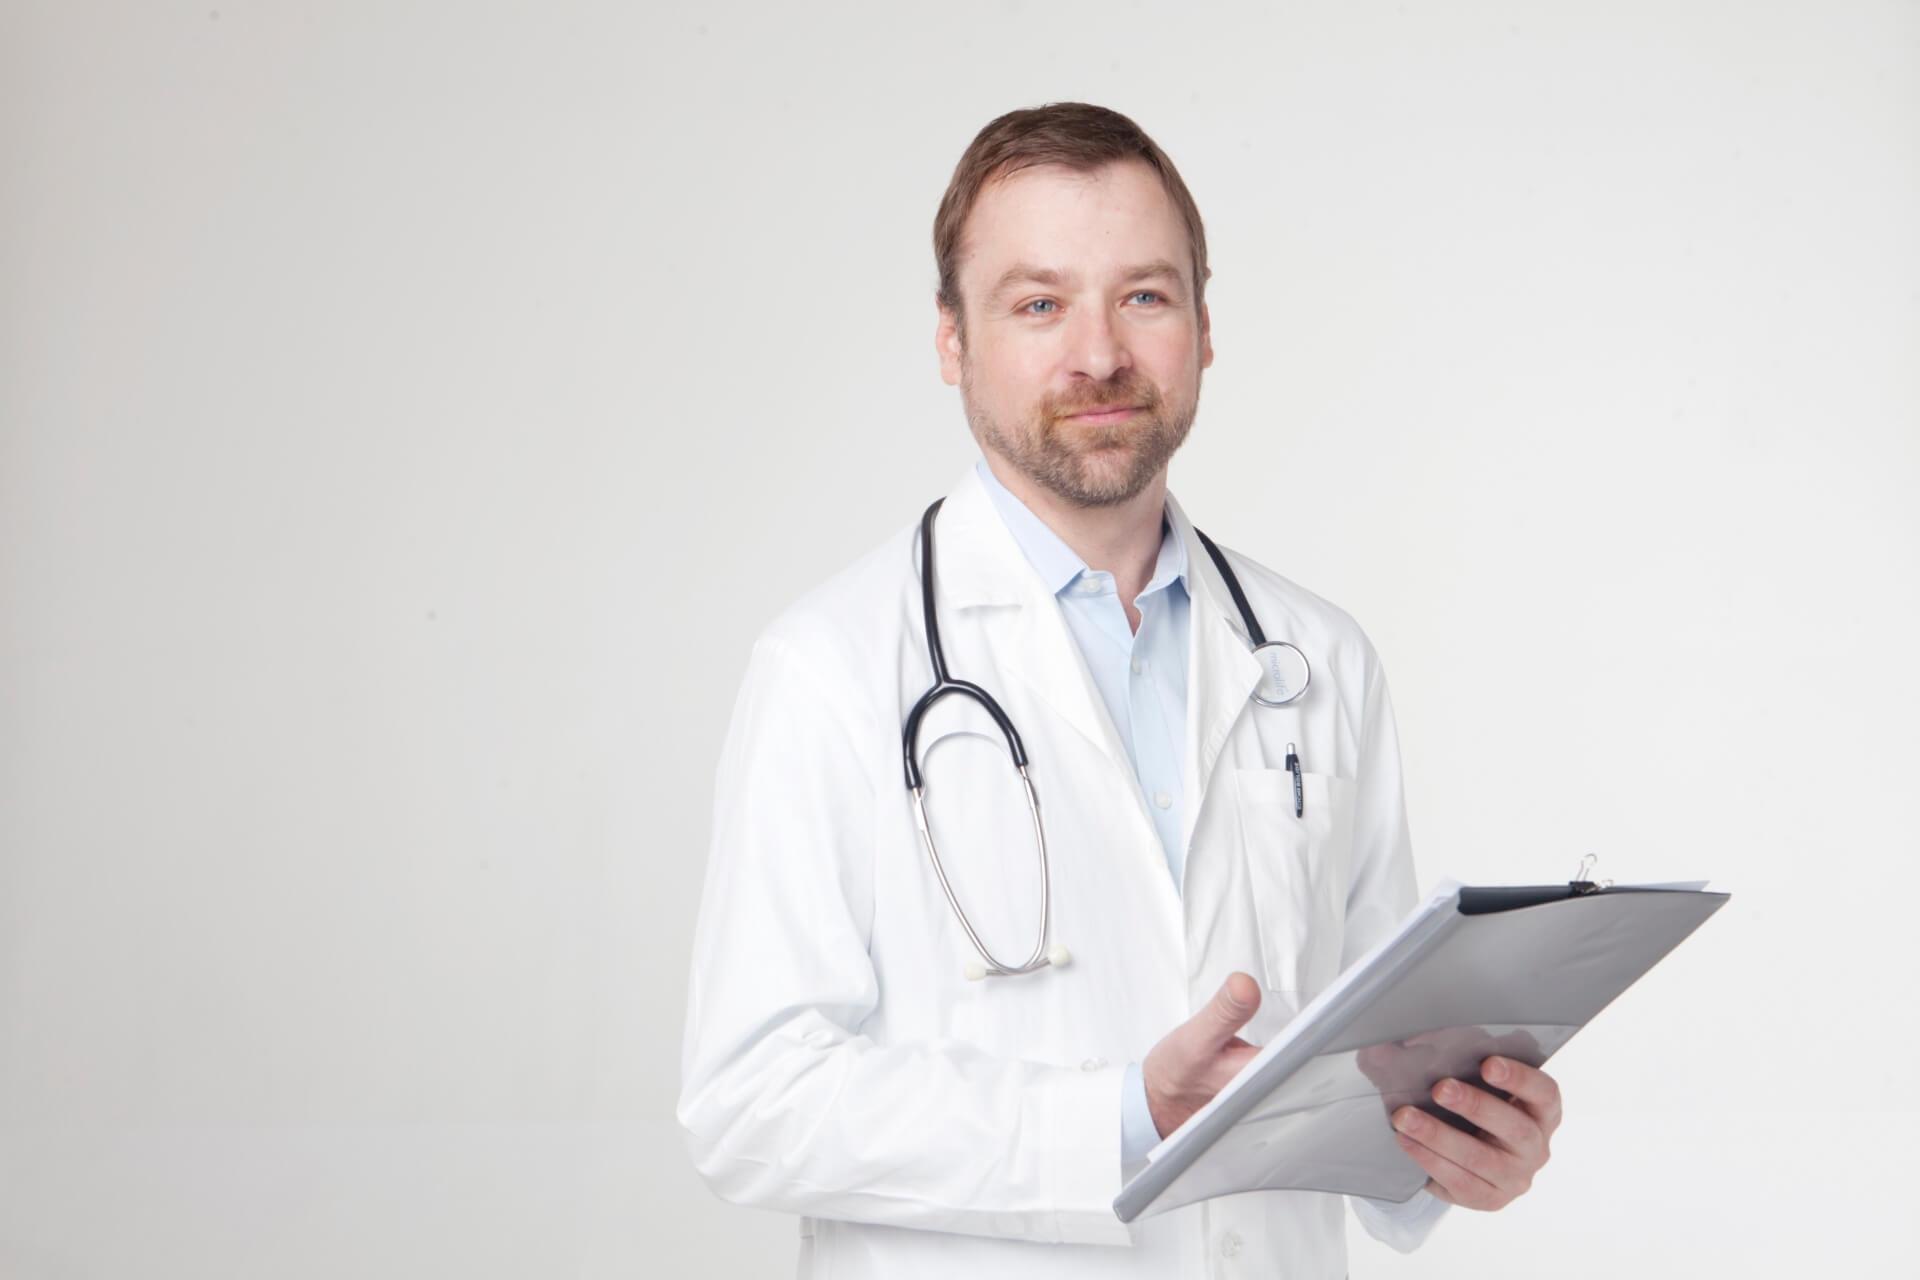 医師に合う不動産投資